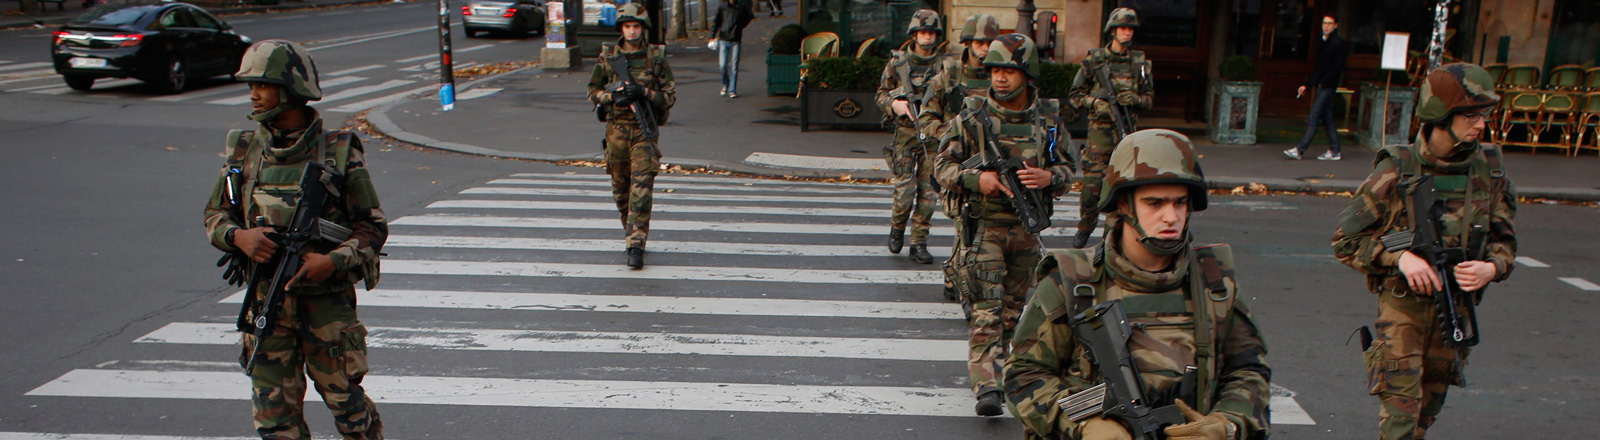 Soldaten gehen in Paris über einen Zebrastreifen